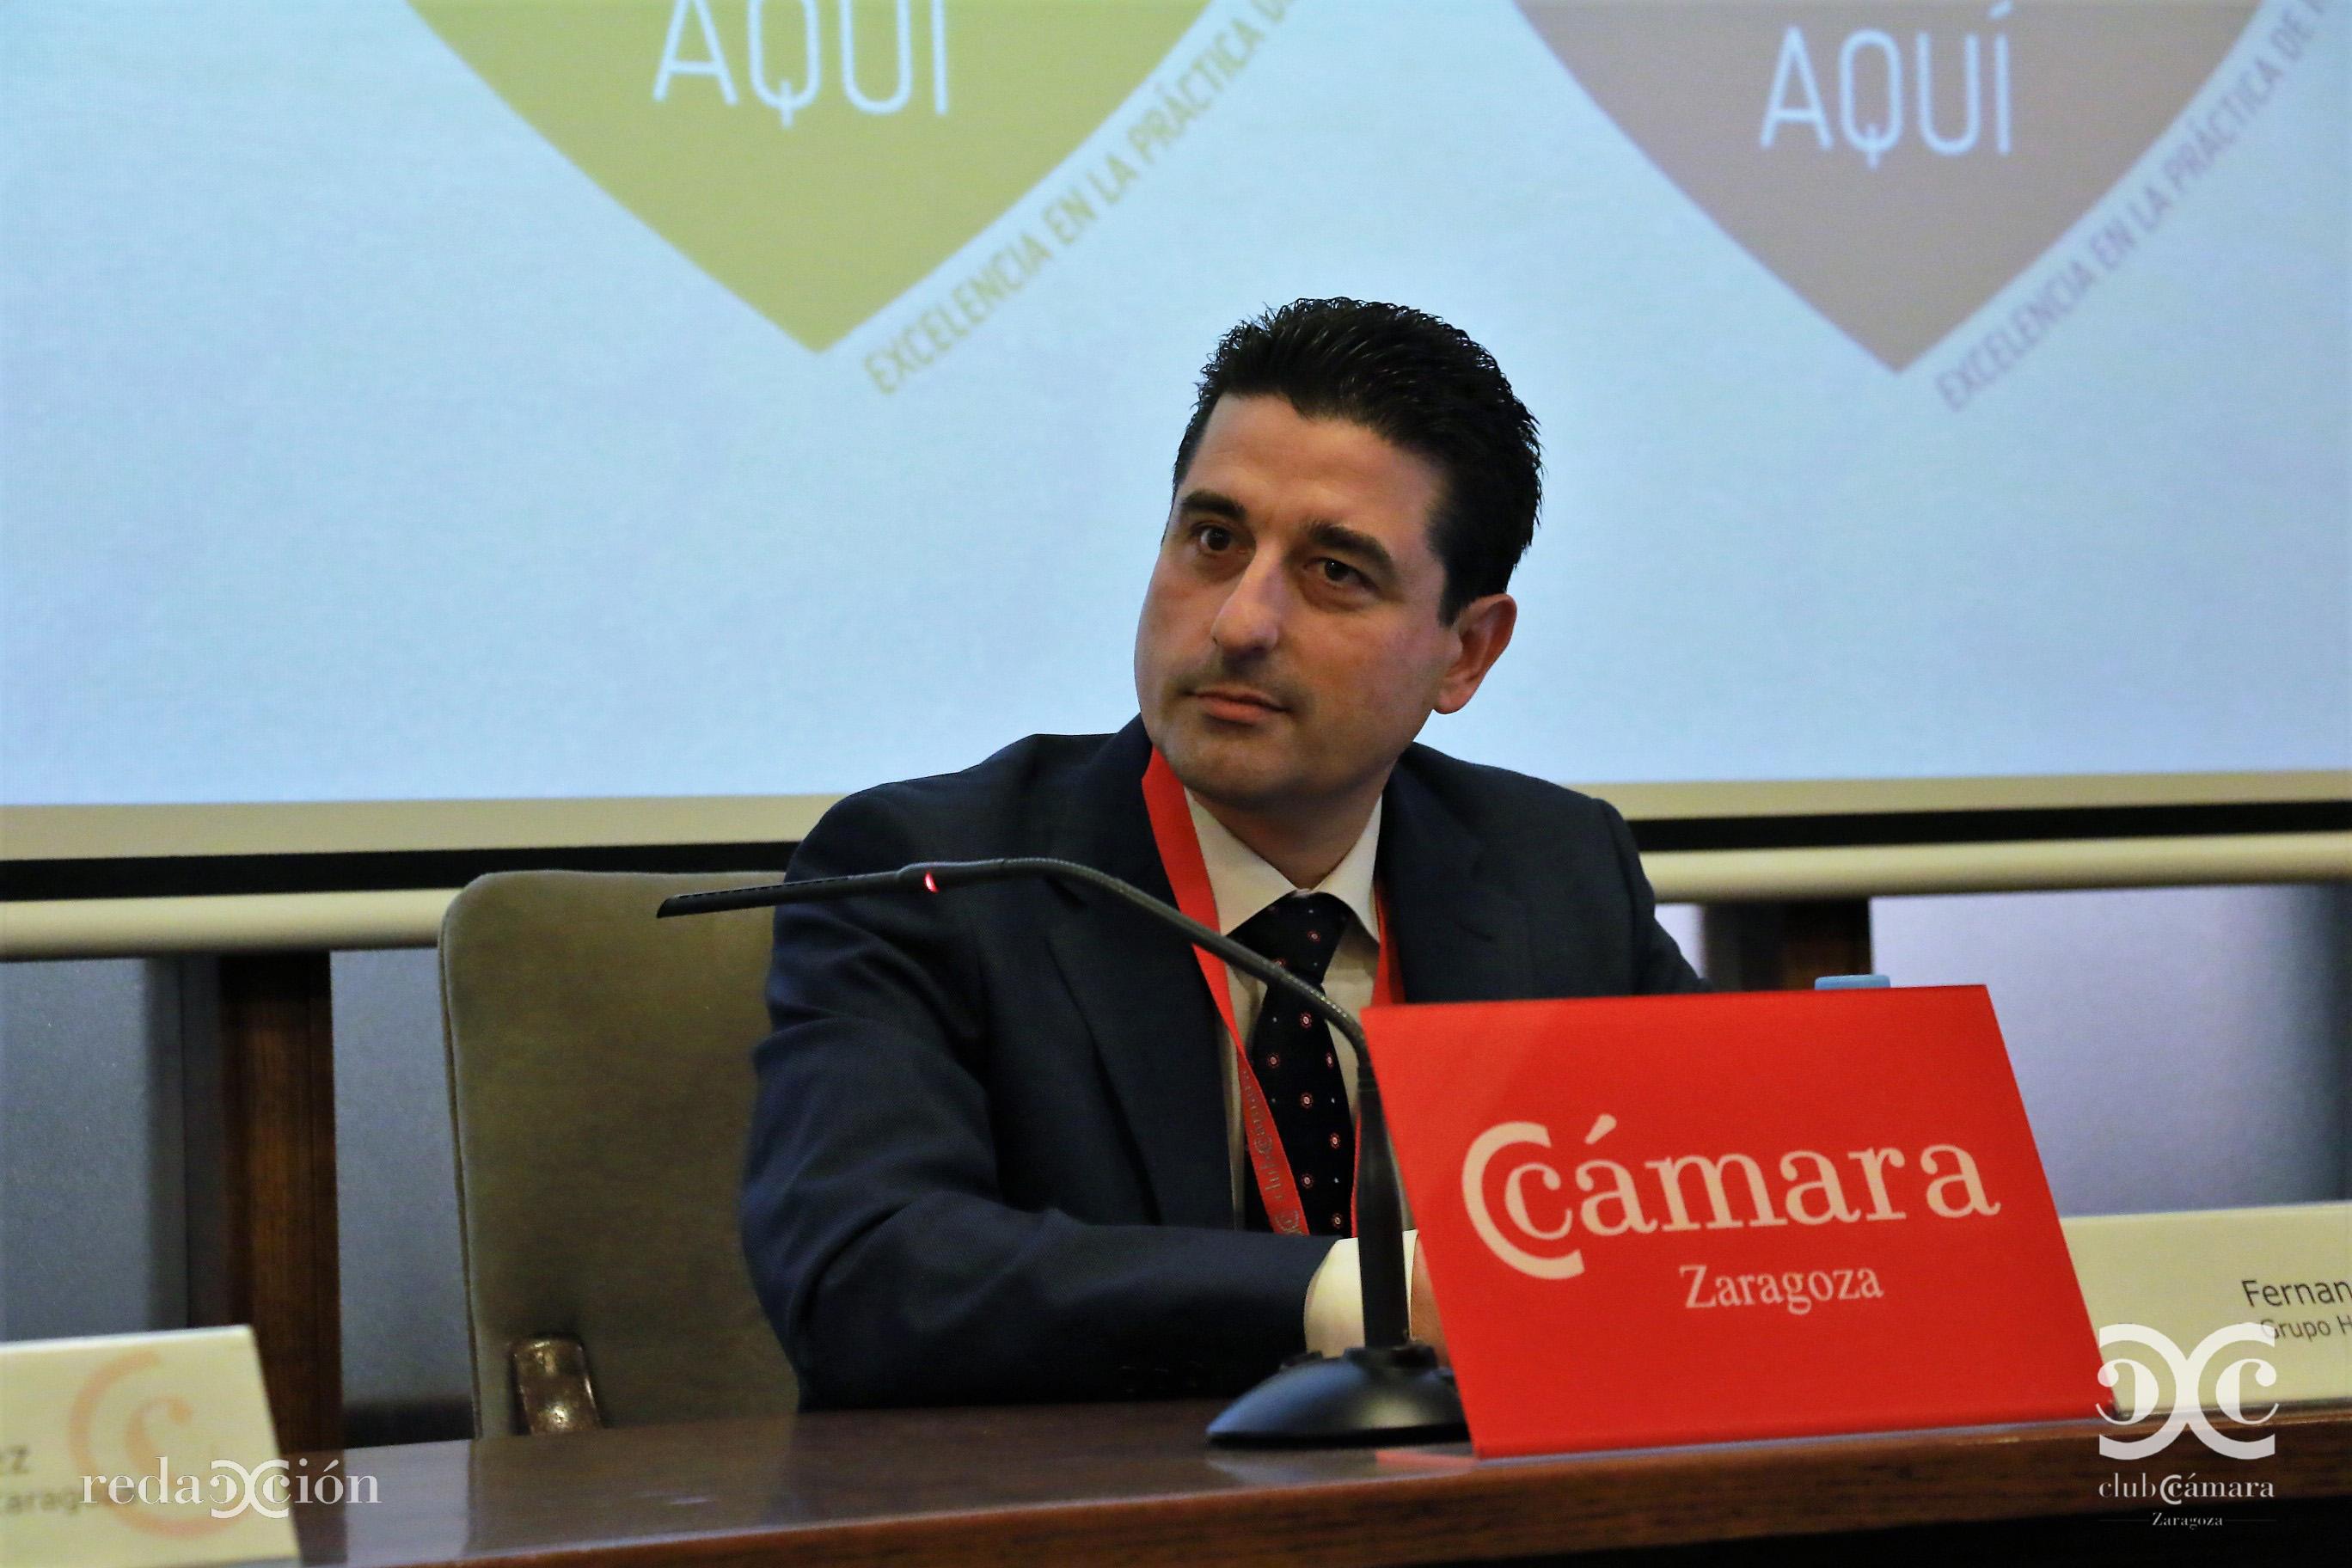 Fernando Moraga Hierros Alfonso